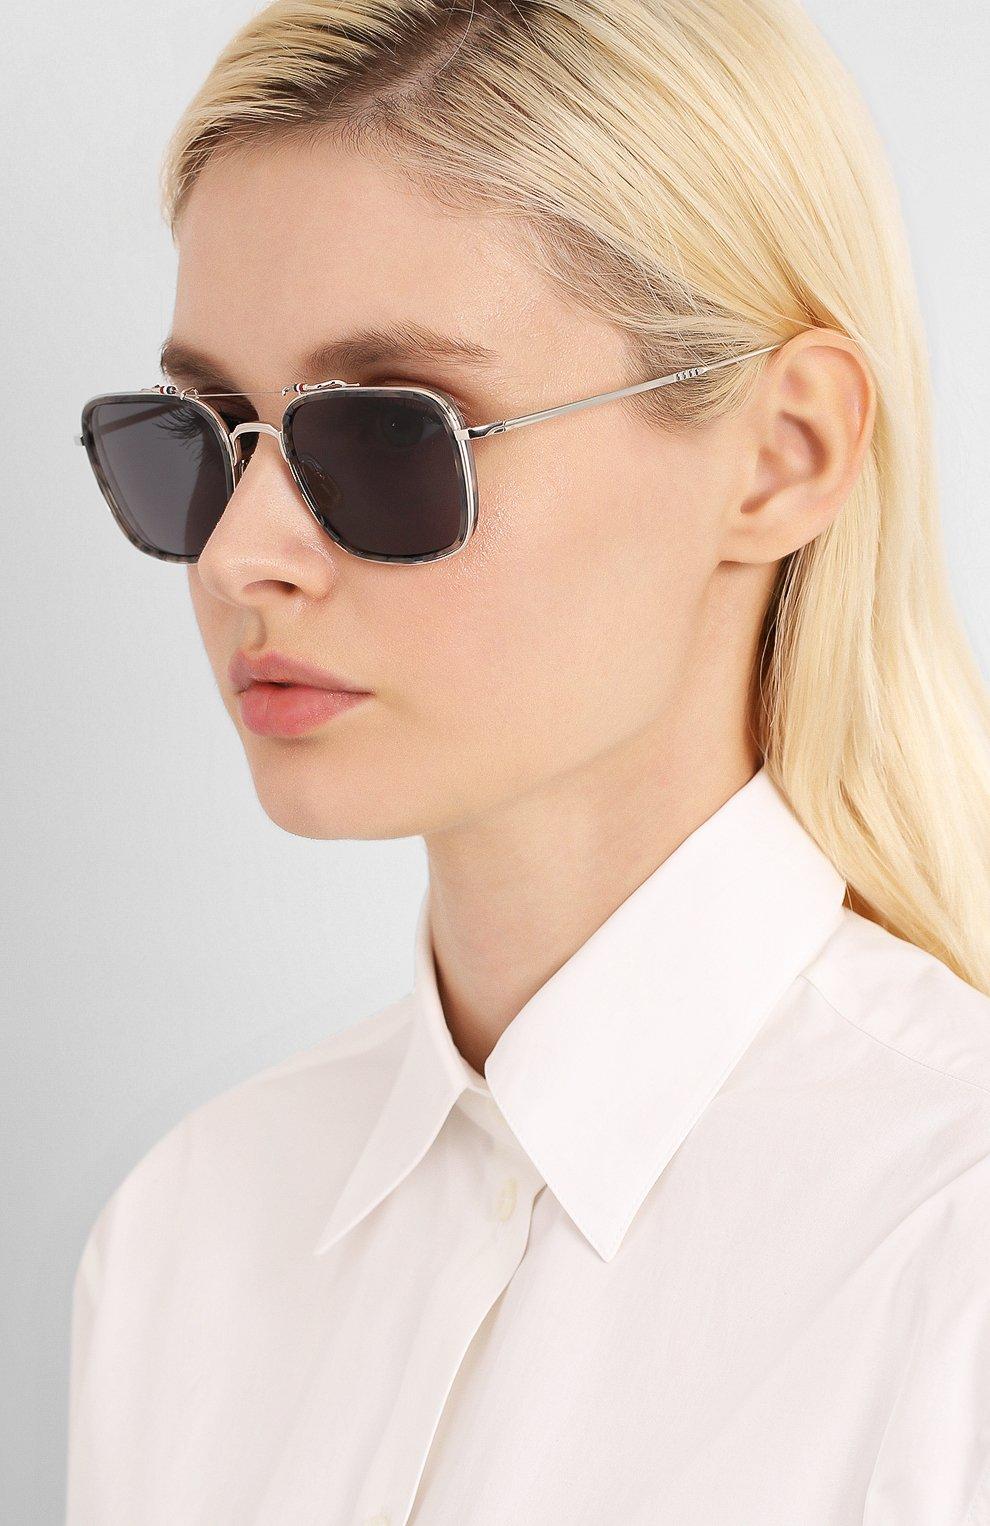 Женские солнцезащитные очки THOM BROWNE серебряного цвета, арт. TB-816-03 | Фото 2